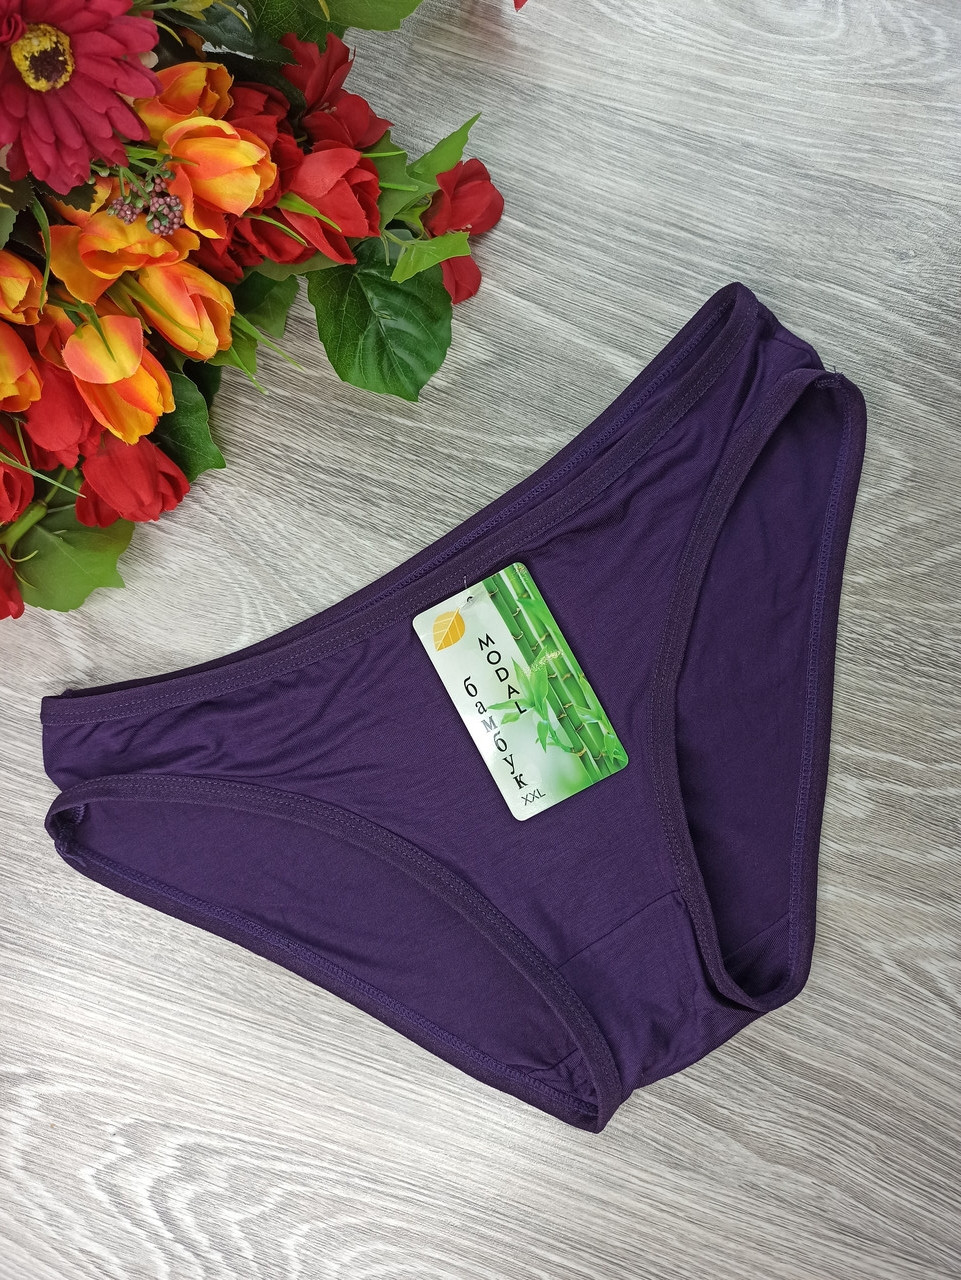 Бамбуковые трусики  женские (модал) узкий бок 46-48р  фиолетовые (1024)